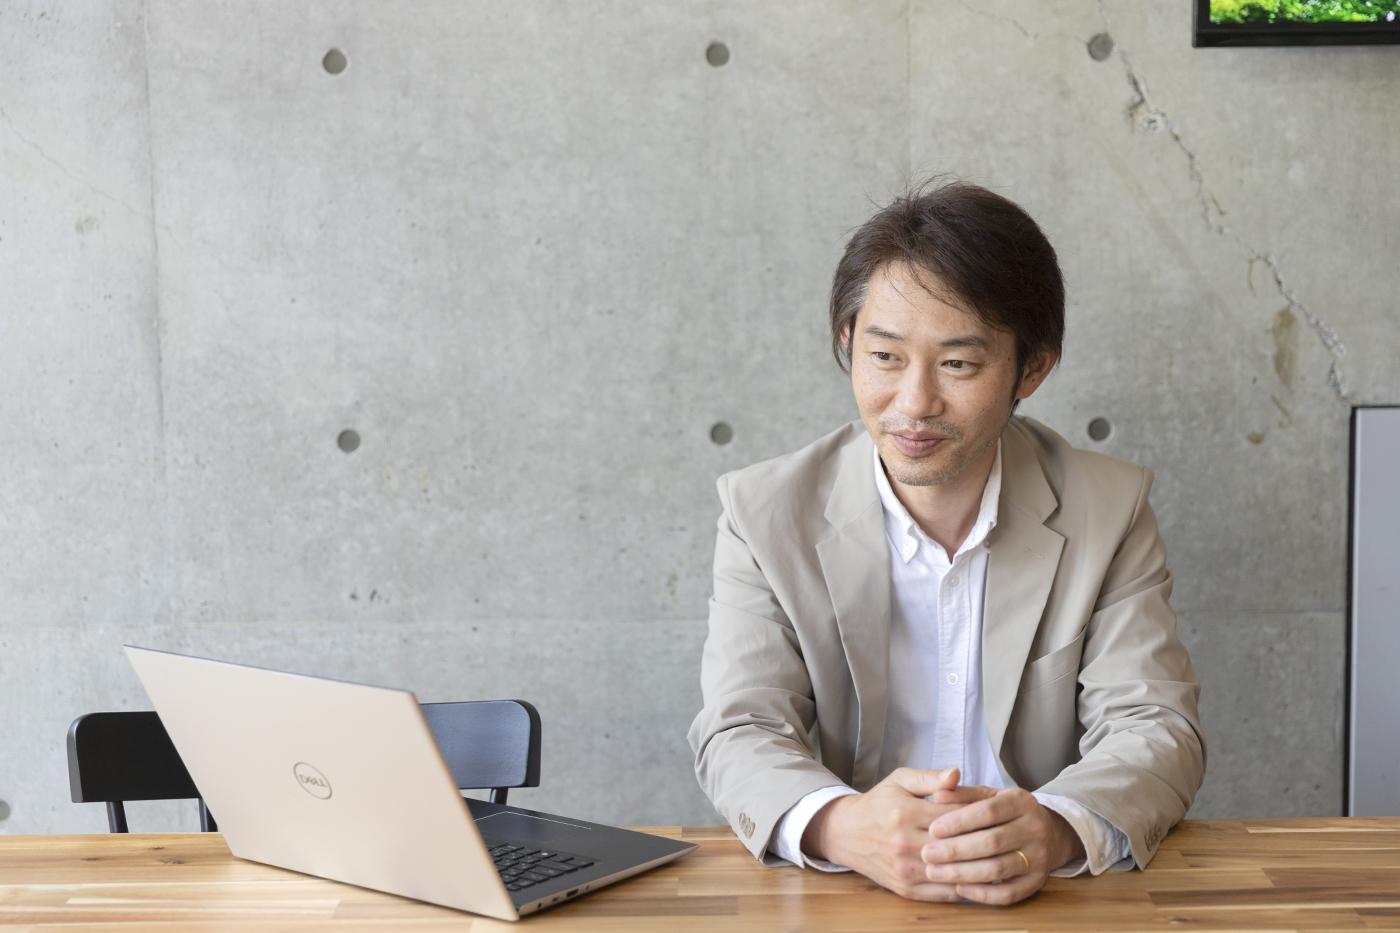 インタビューにこたえるborderact株式会社の中澤大祐さん